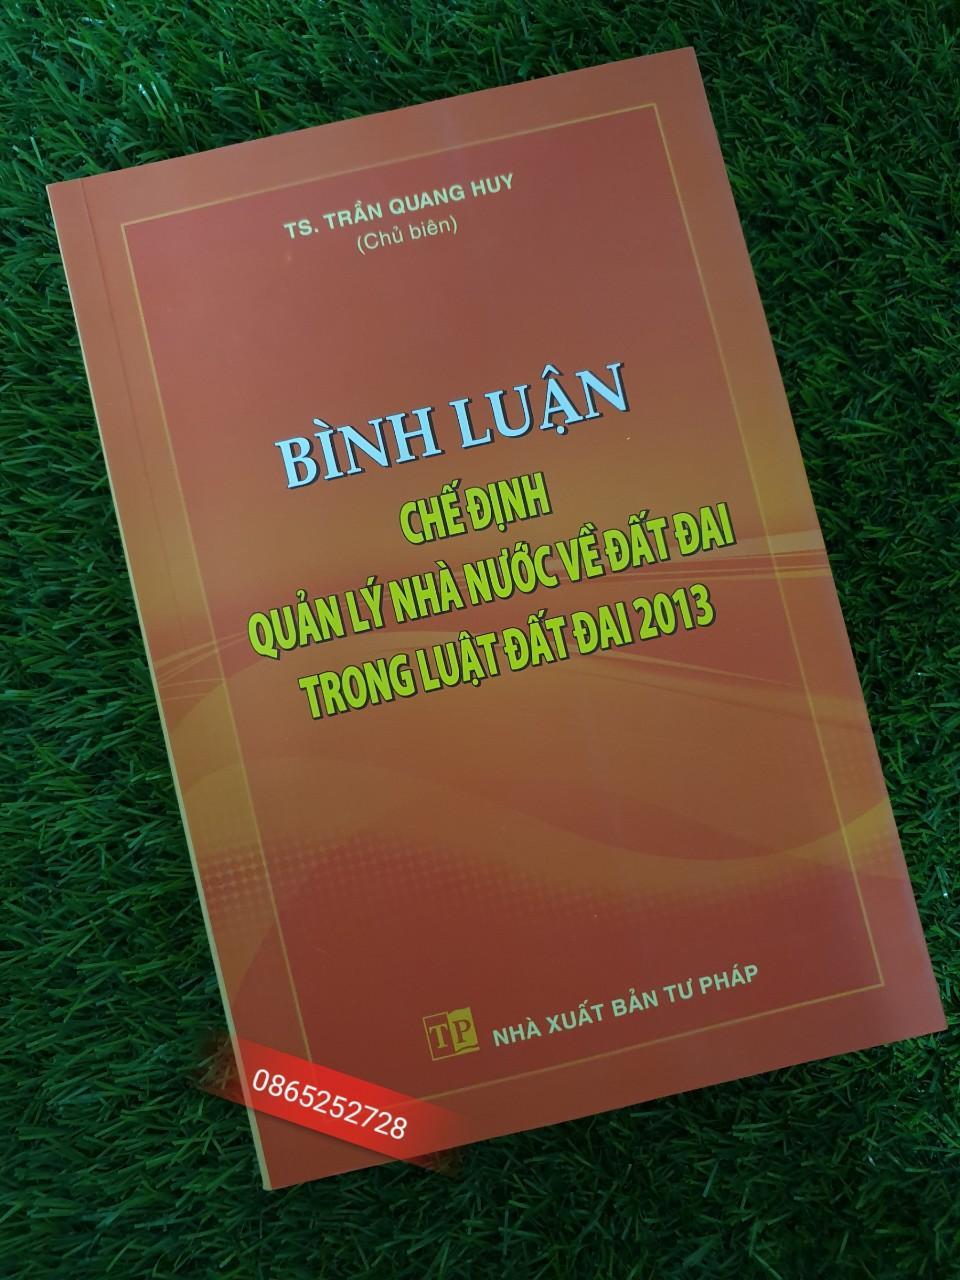 Mua Sách Luật - Bình Luận Chế Độ Nhà Nước Về Luật Đất Đai Trong Luật Đất Đai Năm 2013